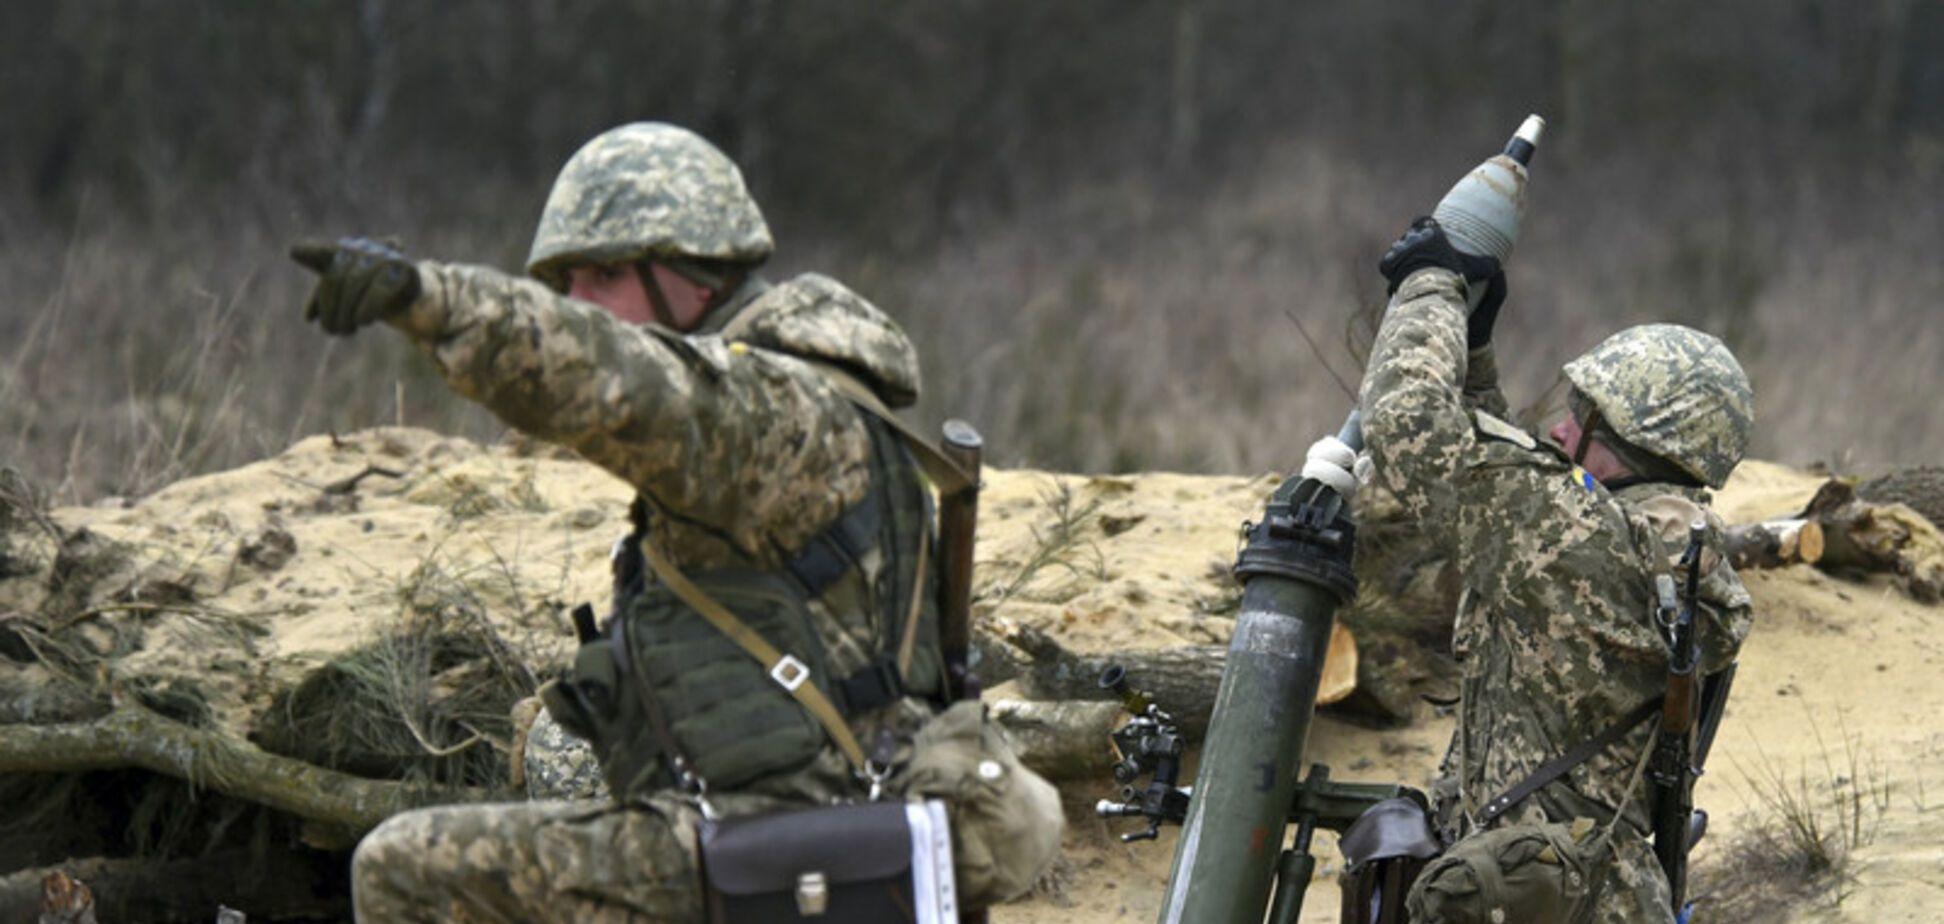 На Донбасі зав'язався серйозний бій між ЗСУ і 'Л/ДНР': багато поранених, є вбиті